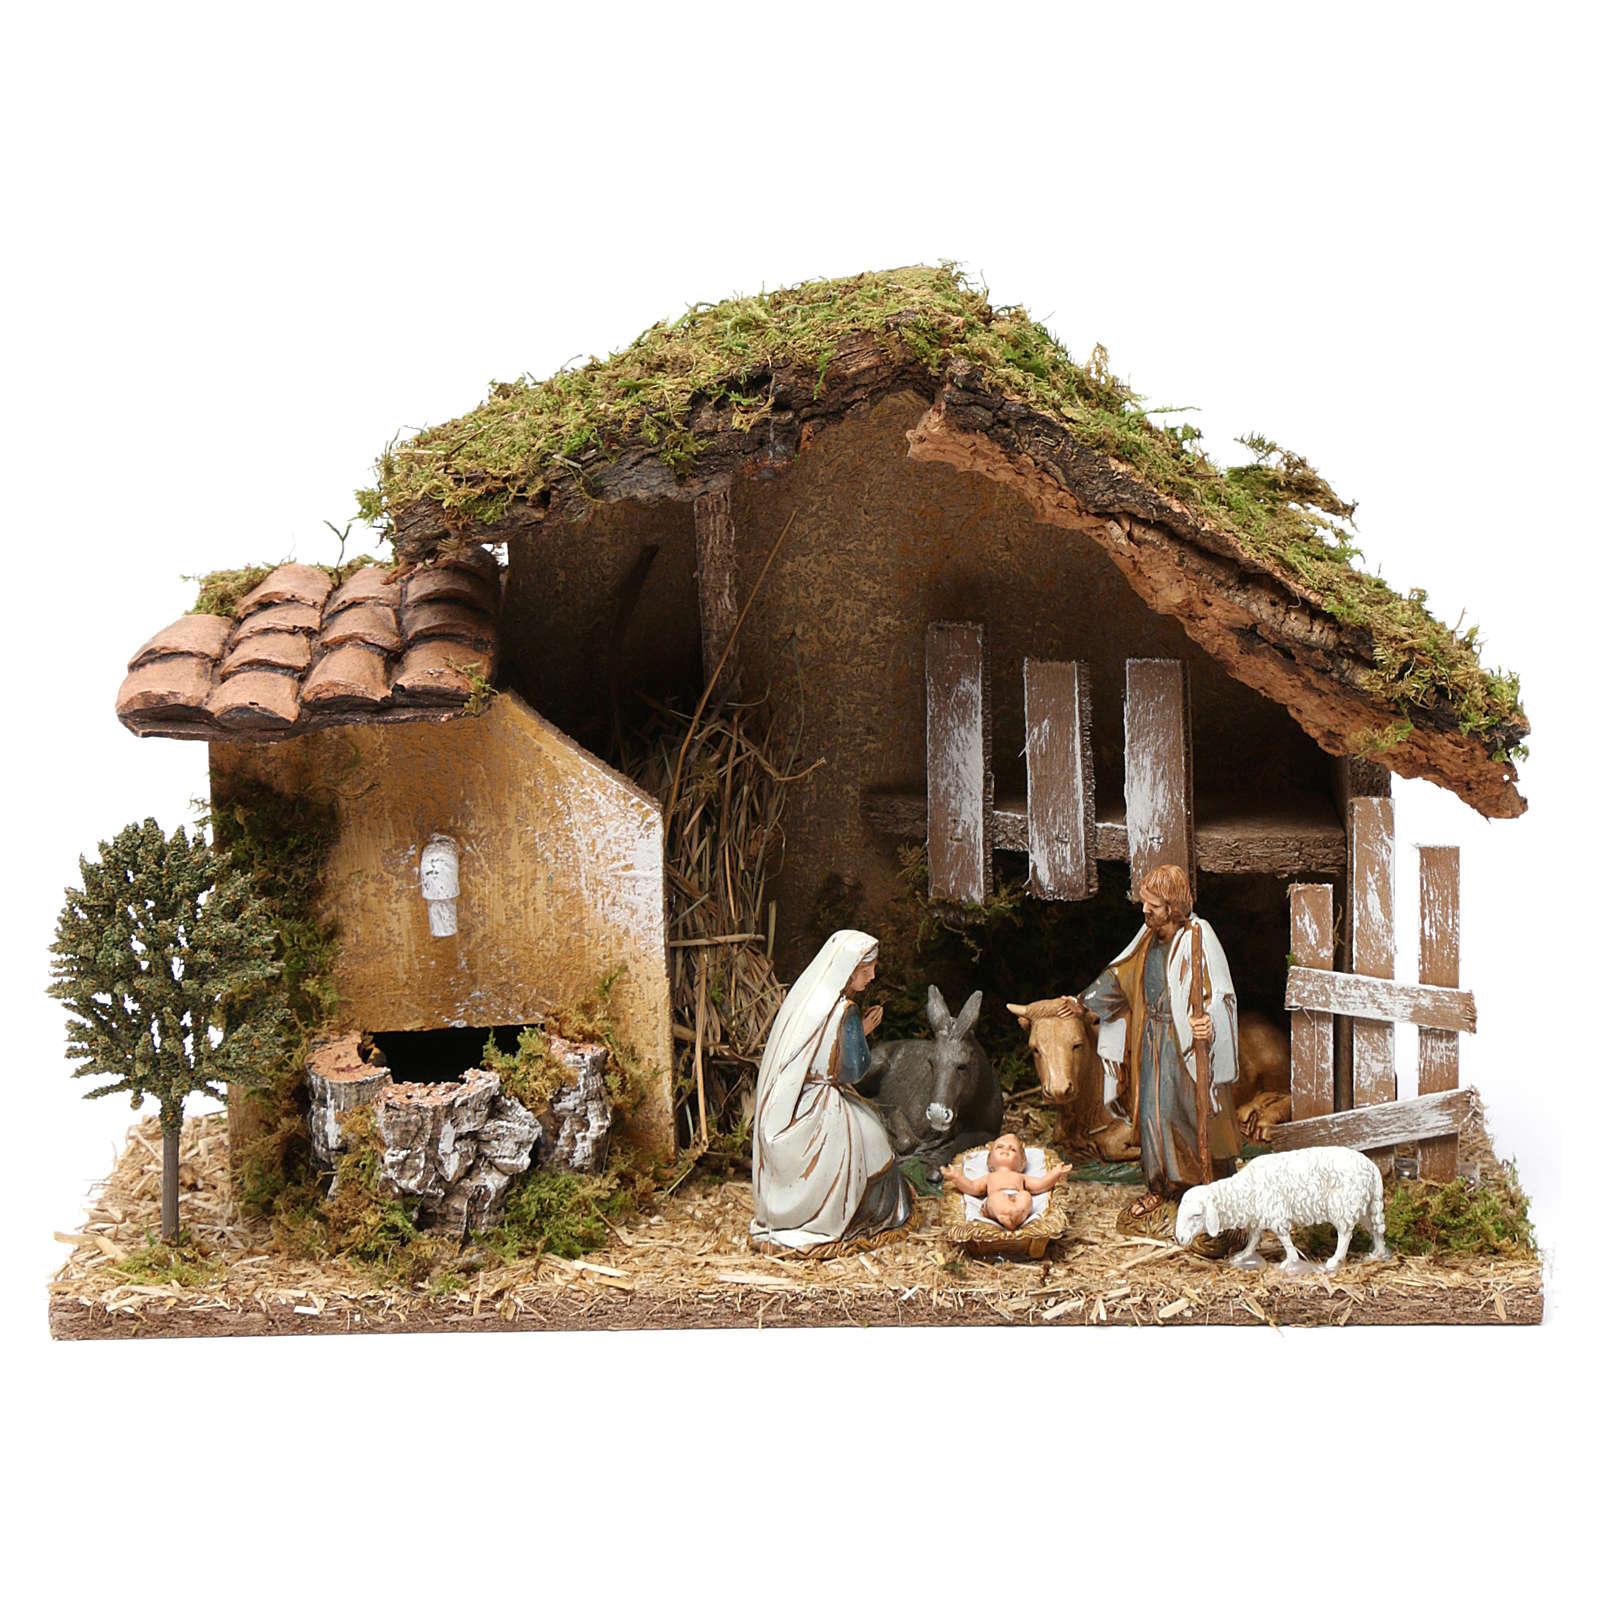 Cabane avec nativité et fontaine 20x30x20 cm avec crèche complète 4